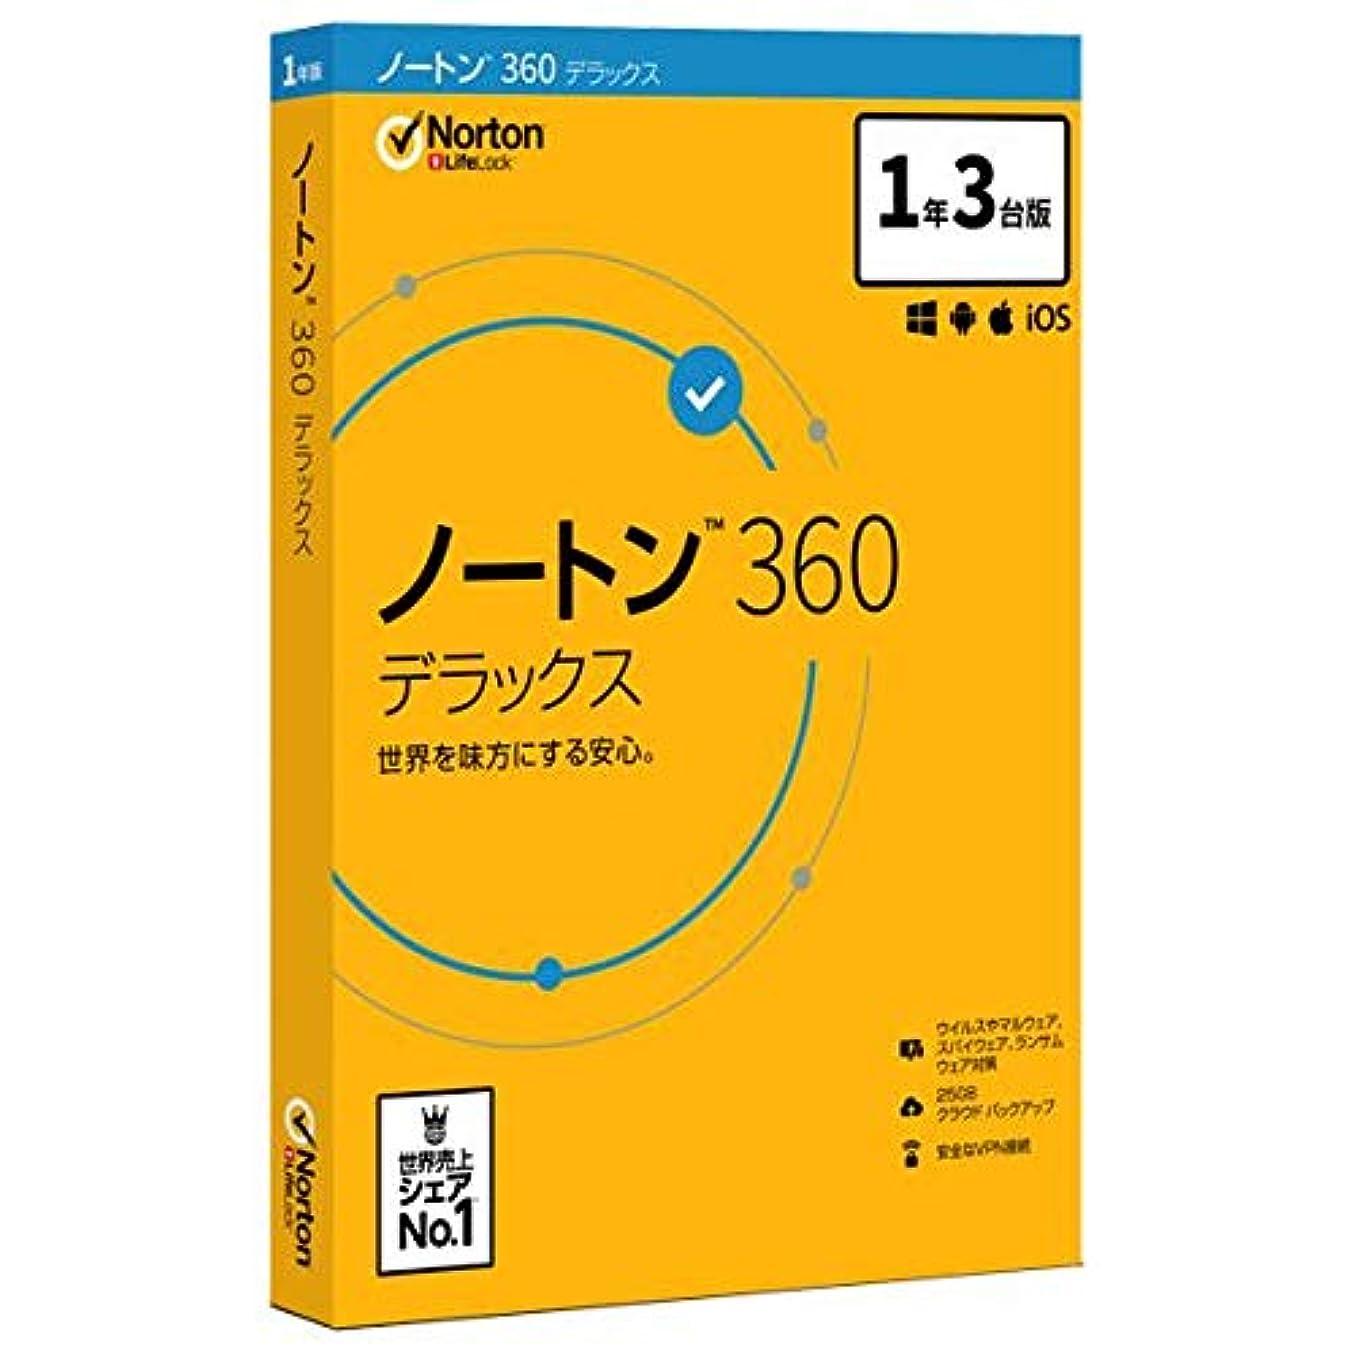 ミンチスイングテセウスノートン 360 デラックス 1年3台版